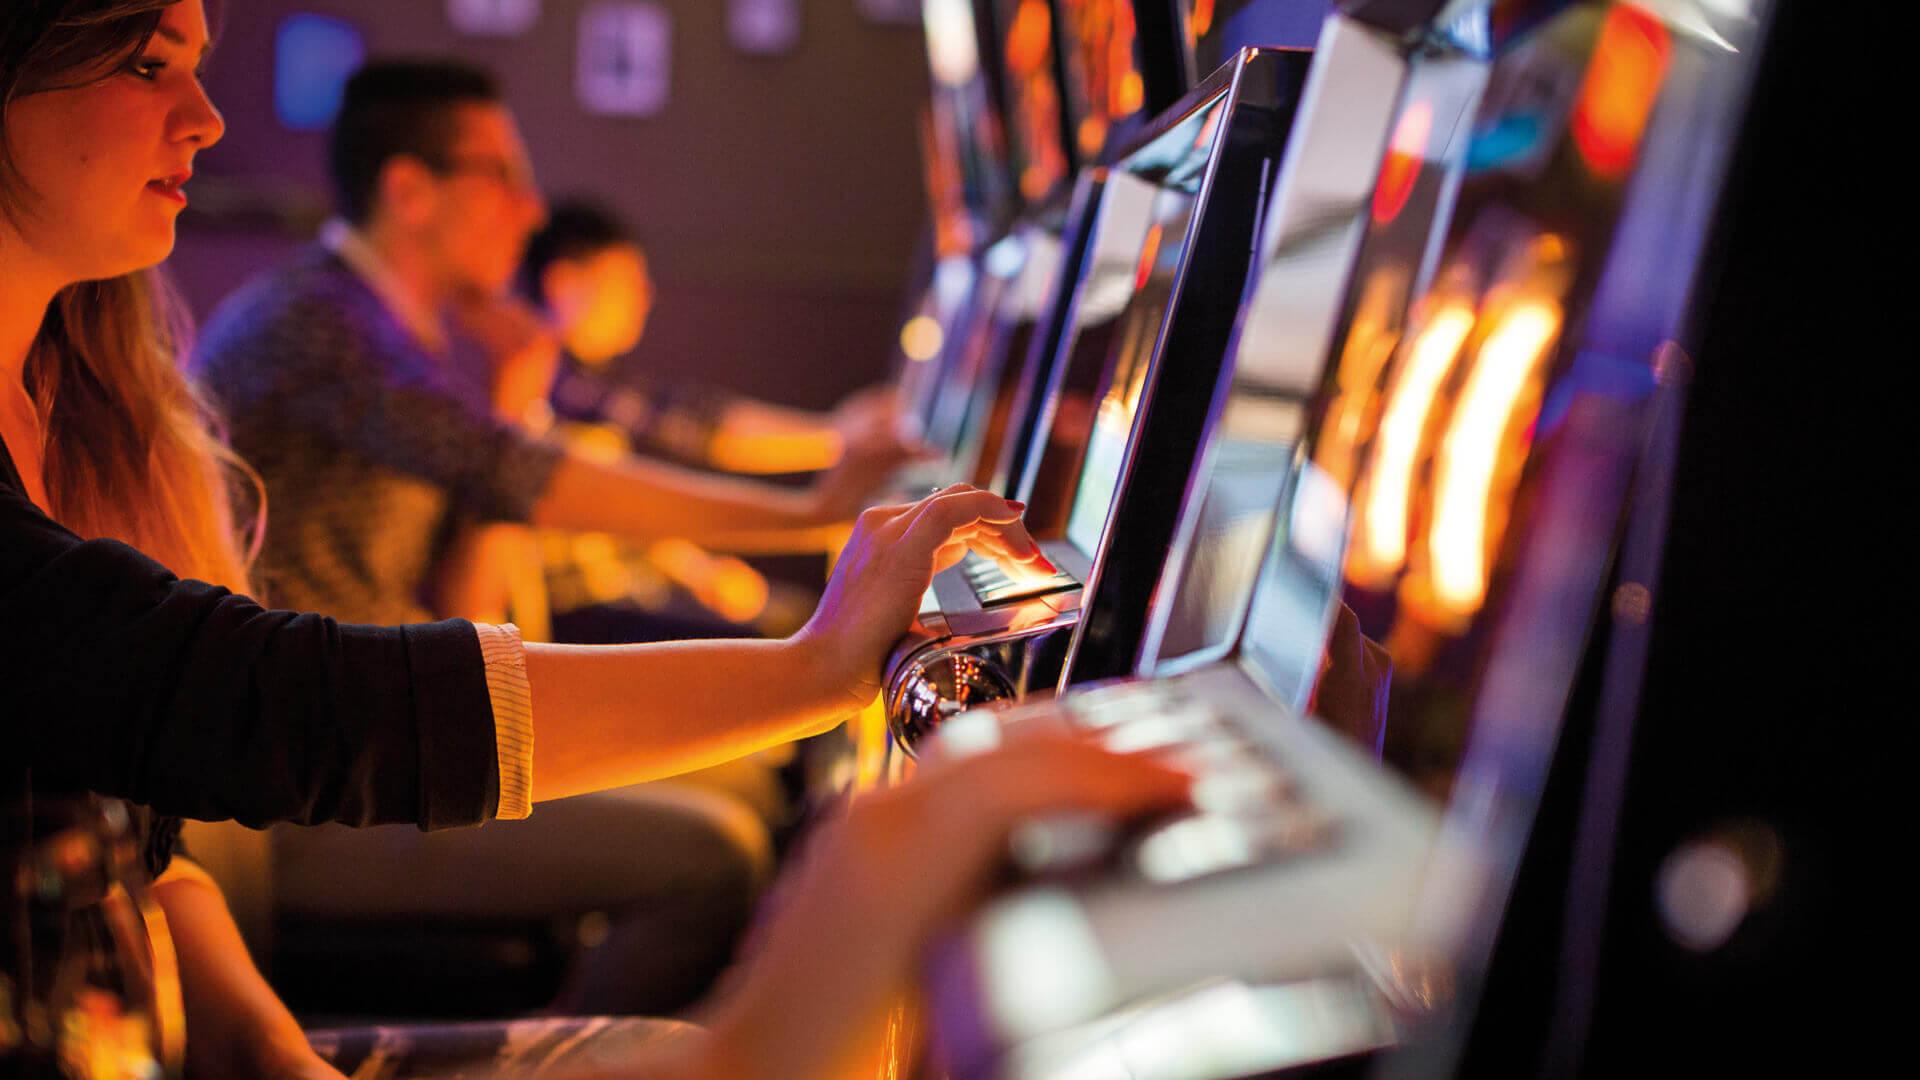 interlaken-casino-kursaal-spielautomat